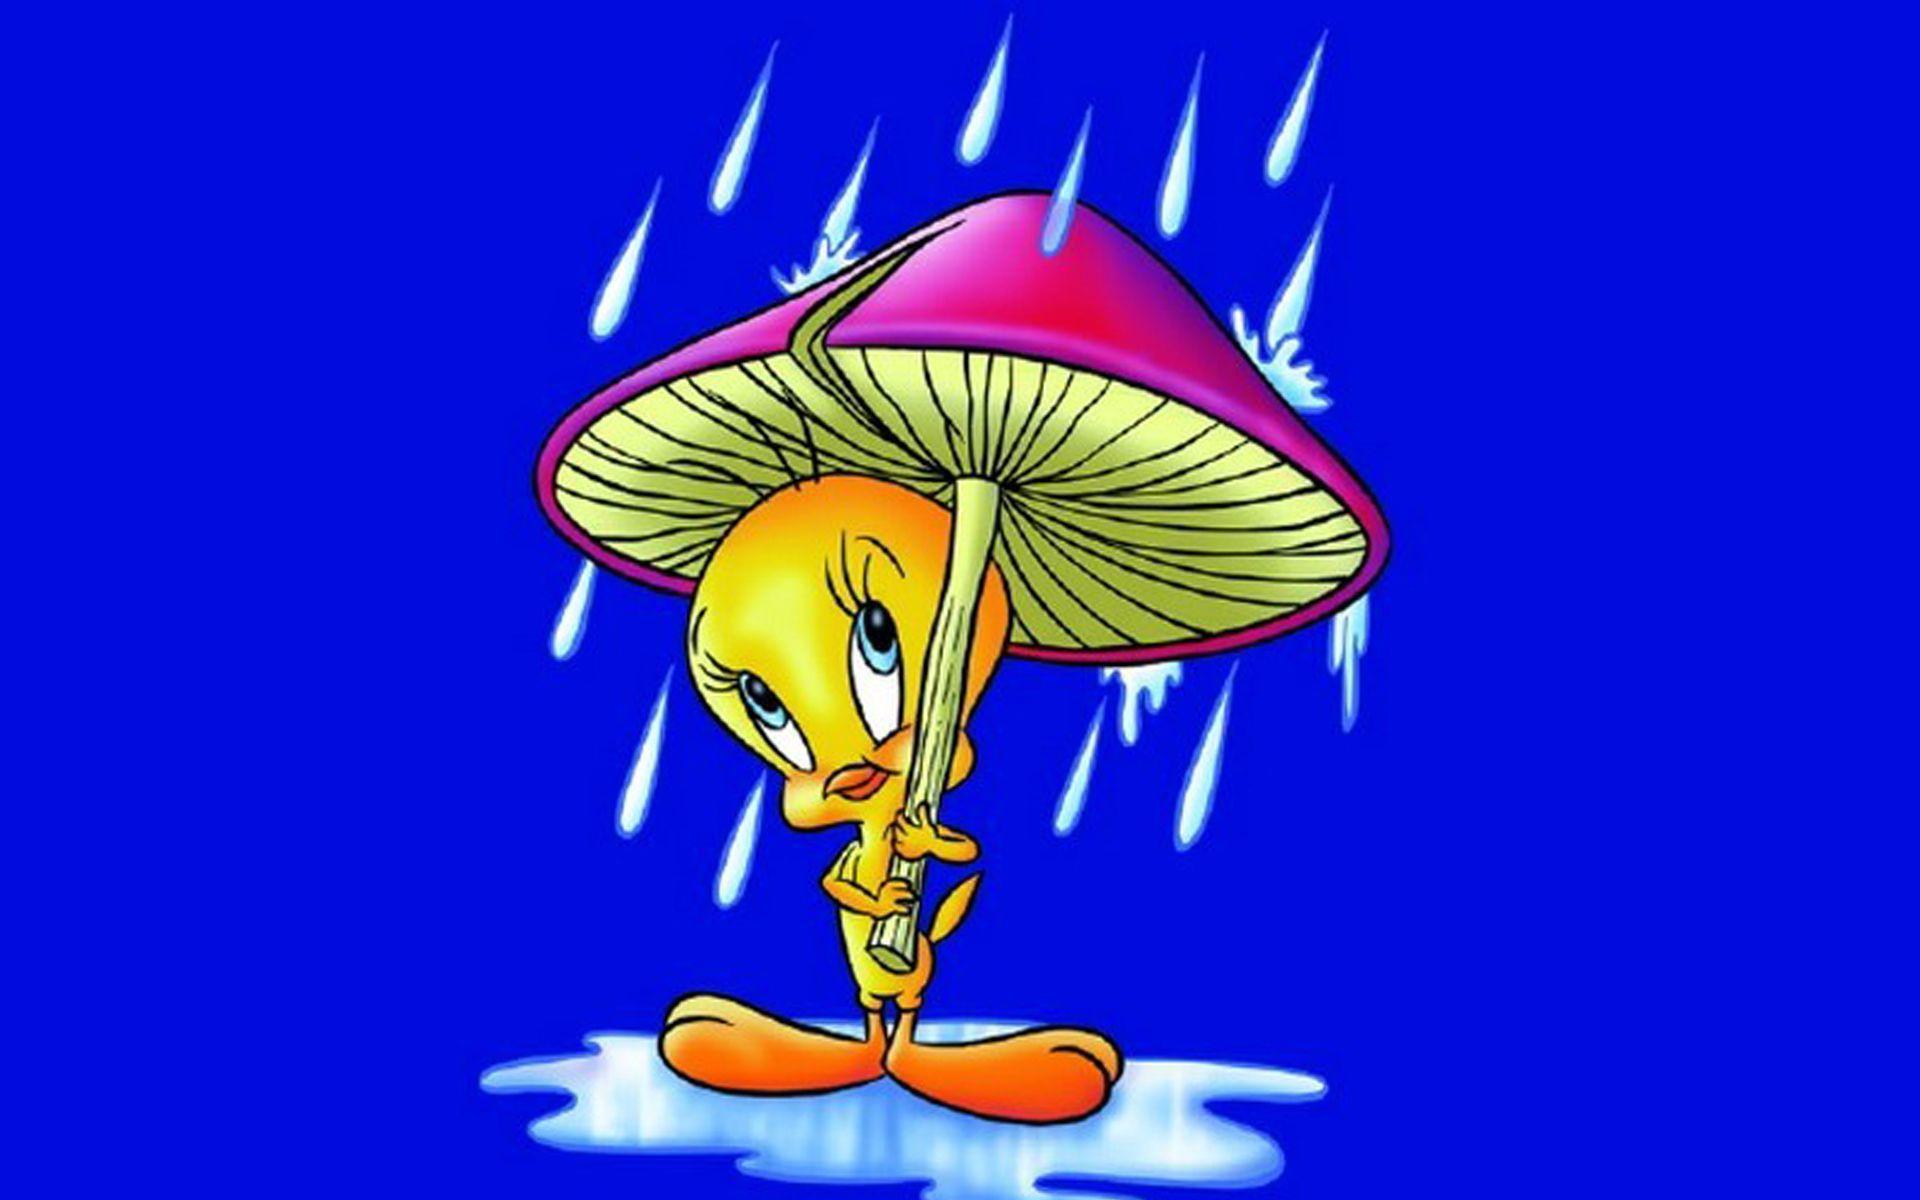 Umbrella Cartoon Wallpapers Top Free Umbrella Cartoon